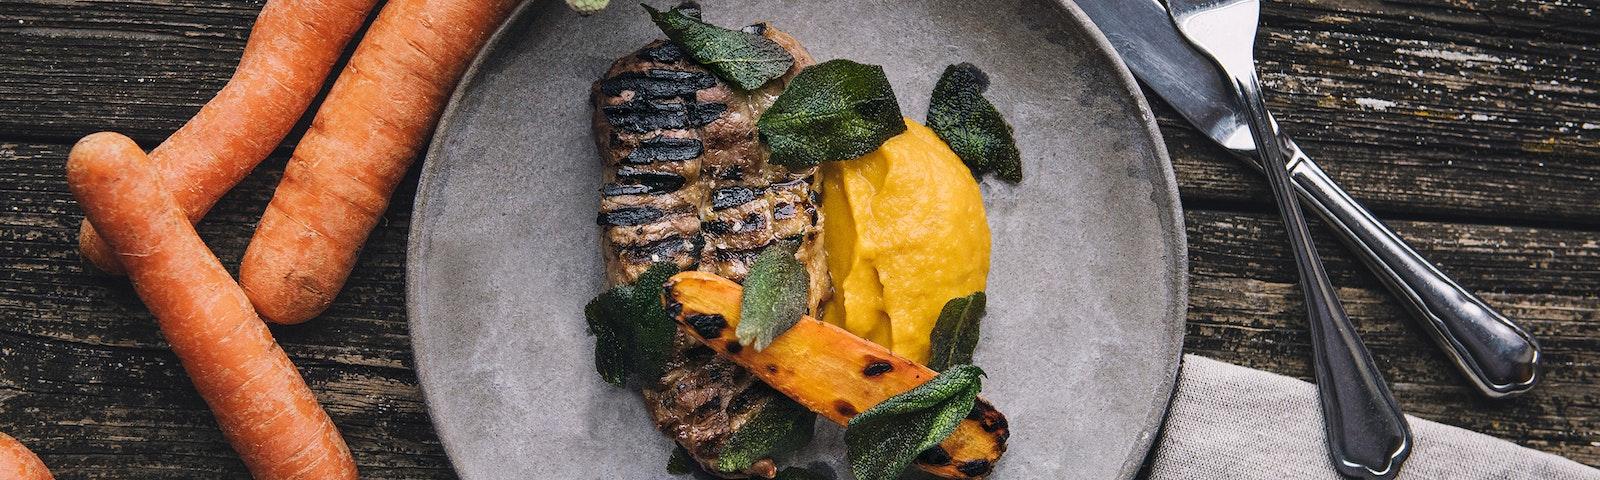 Grillet svinekoteletter med salvie og gulerod